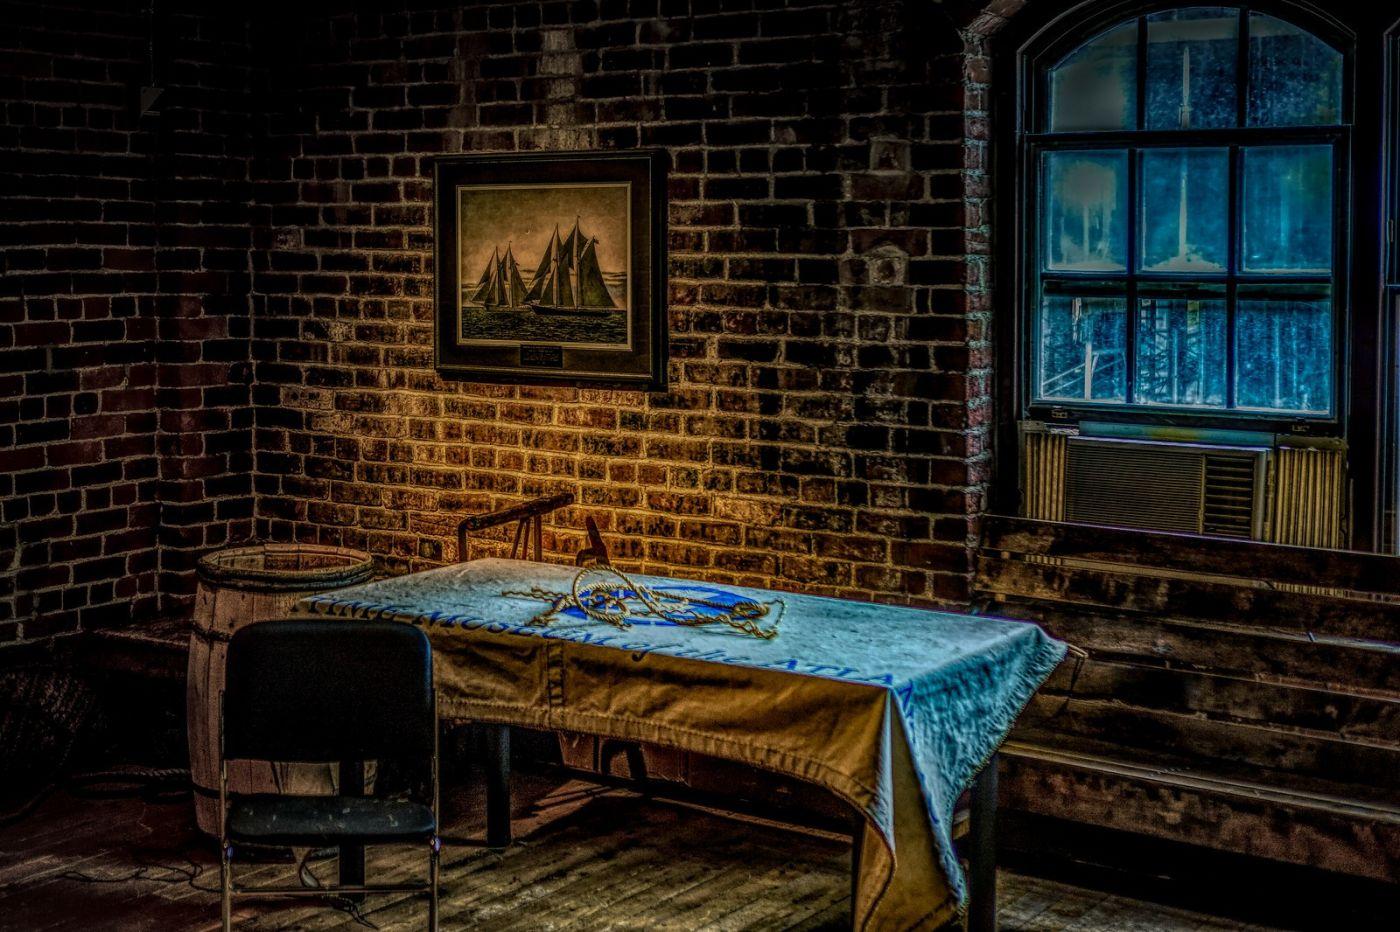 加拿大Halifax大西洋海事博物馆,展品丰富_图1-21